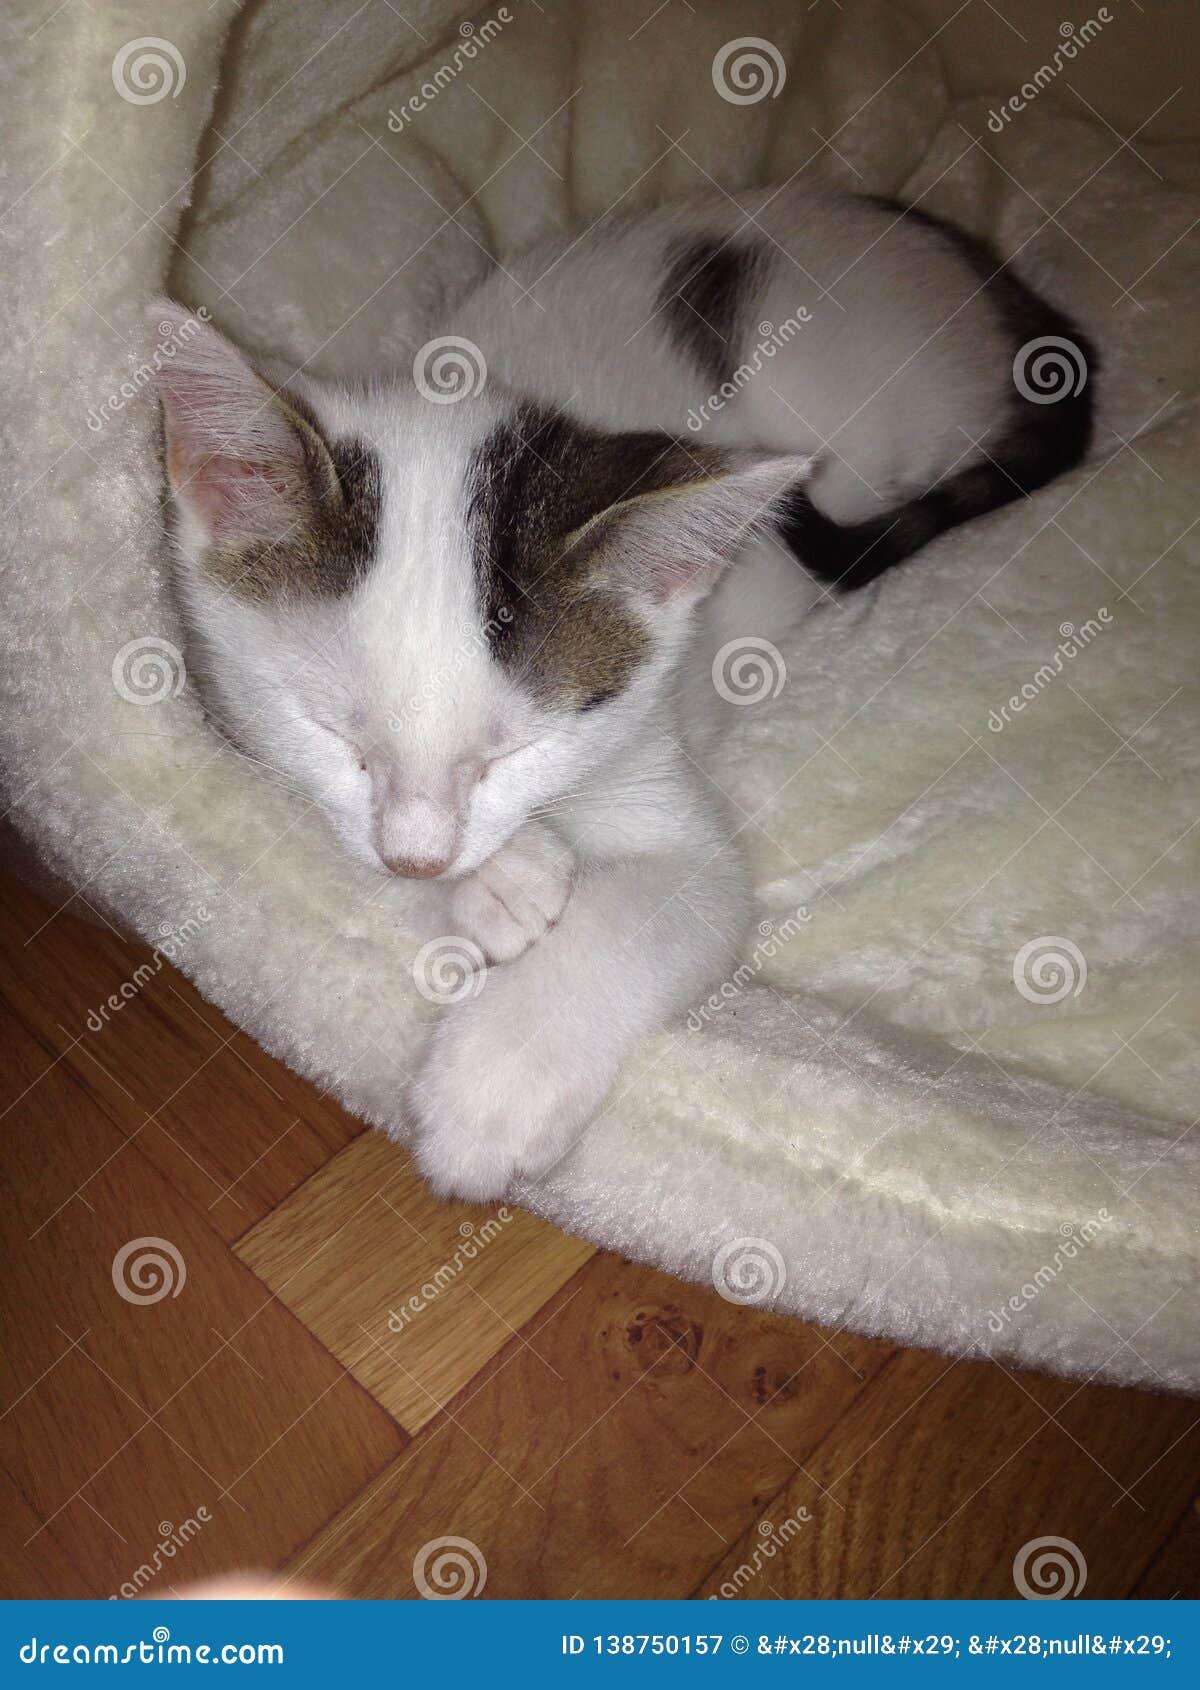 Sleeping kitten 2.0